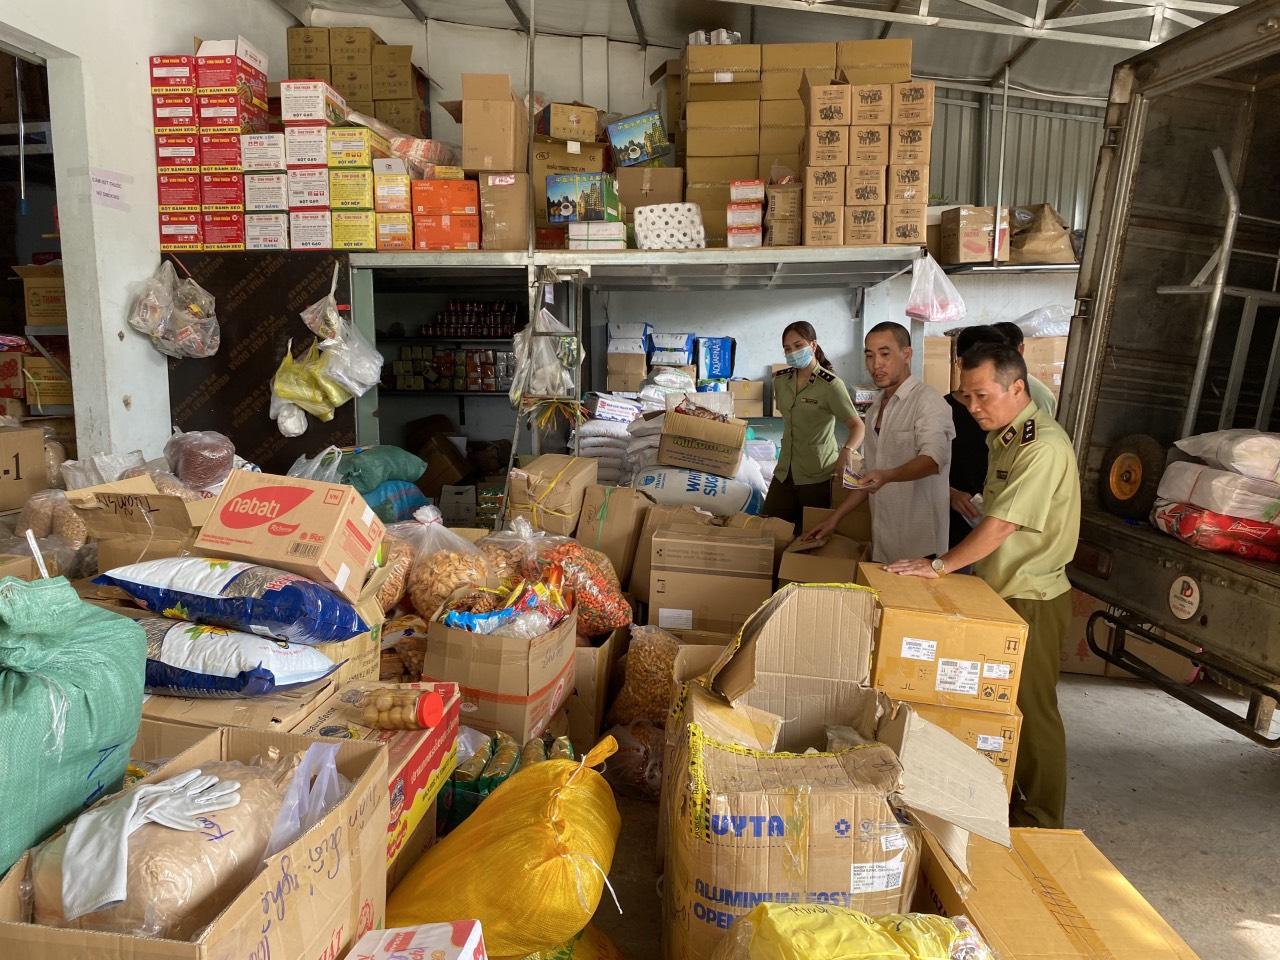 Cục QLTT Bà Rịa - Vũng Tàu: Phát hiện hơn 1240 kg bánh kẹo, mứt, khô gà các loại không rõ nguồn gốc xuất xứ.